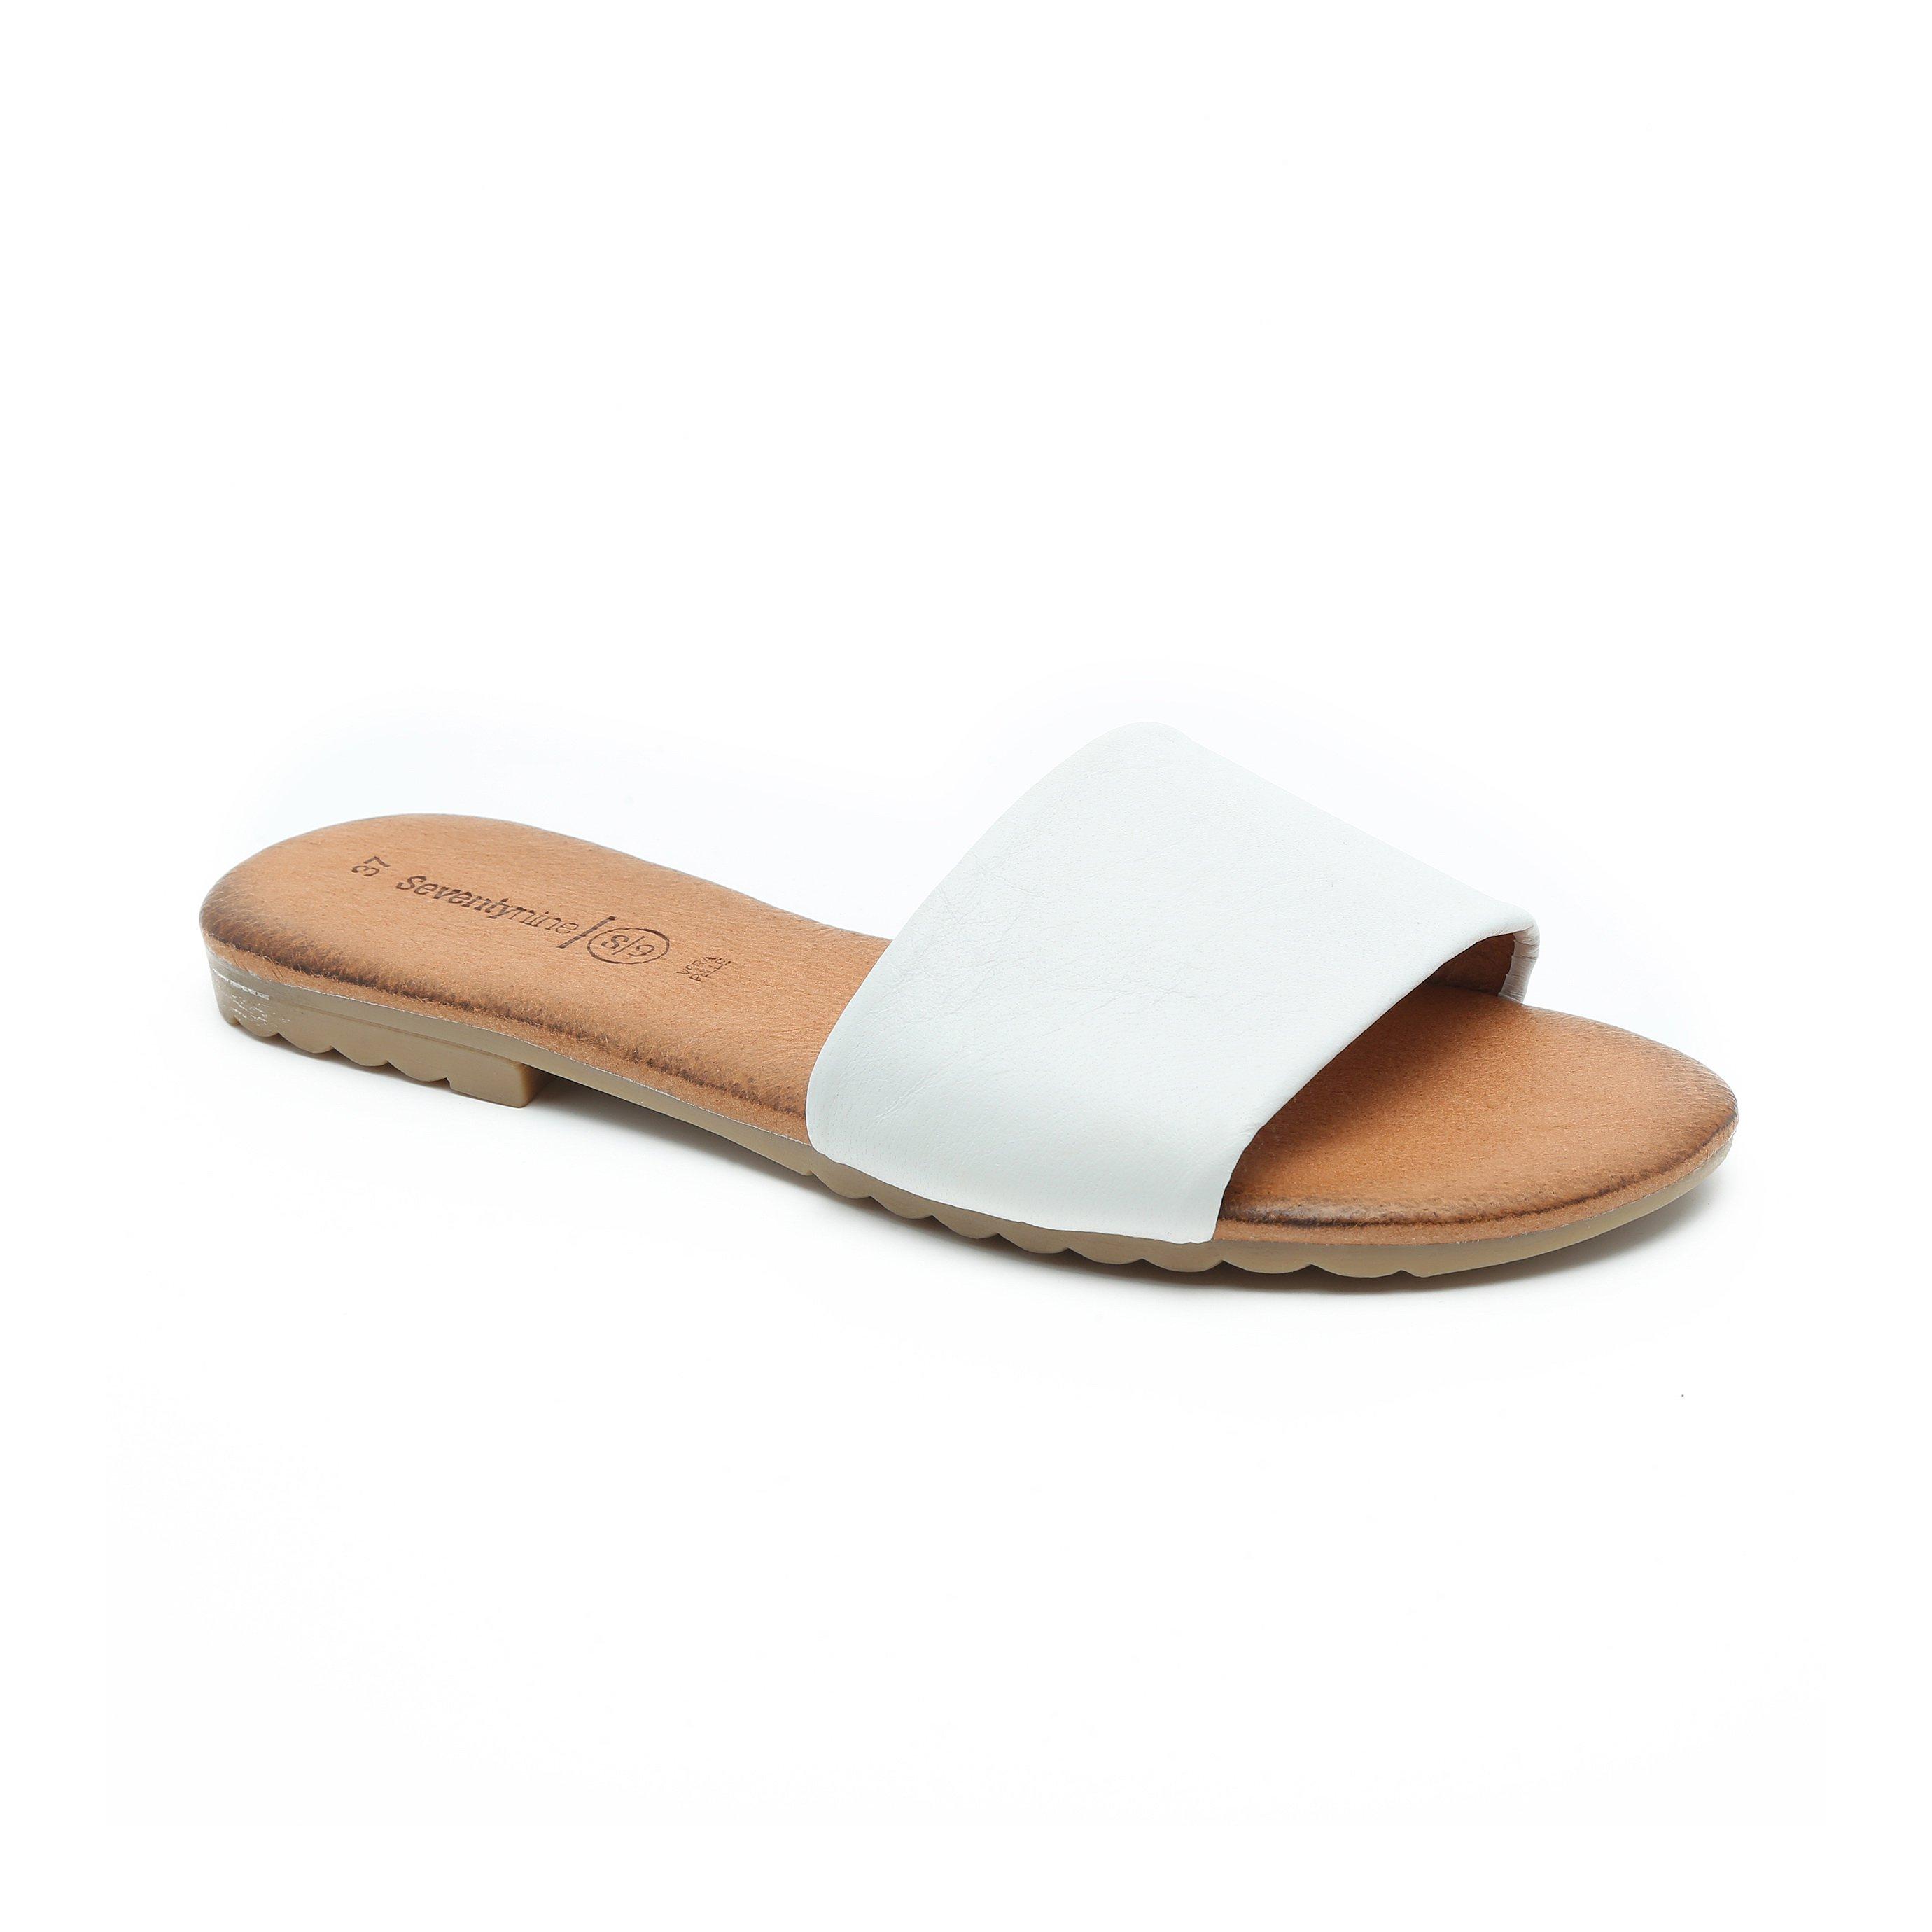 Seventy Nine - כפכף שטוח עם רצועה עבה בצבע לבן